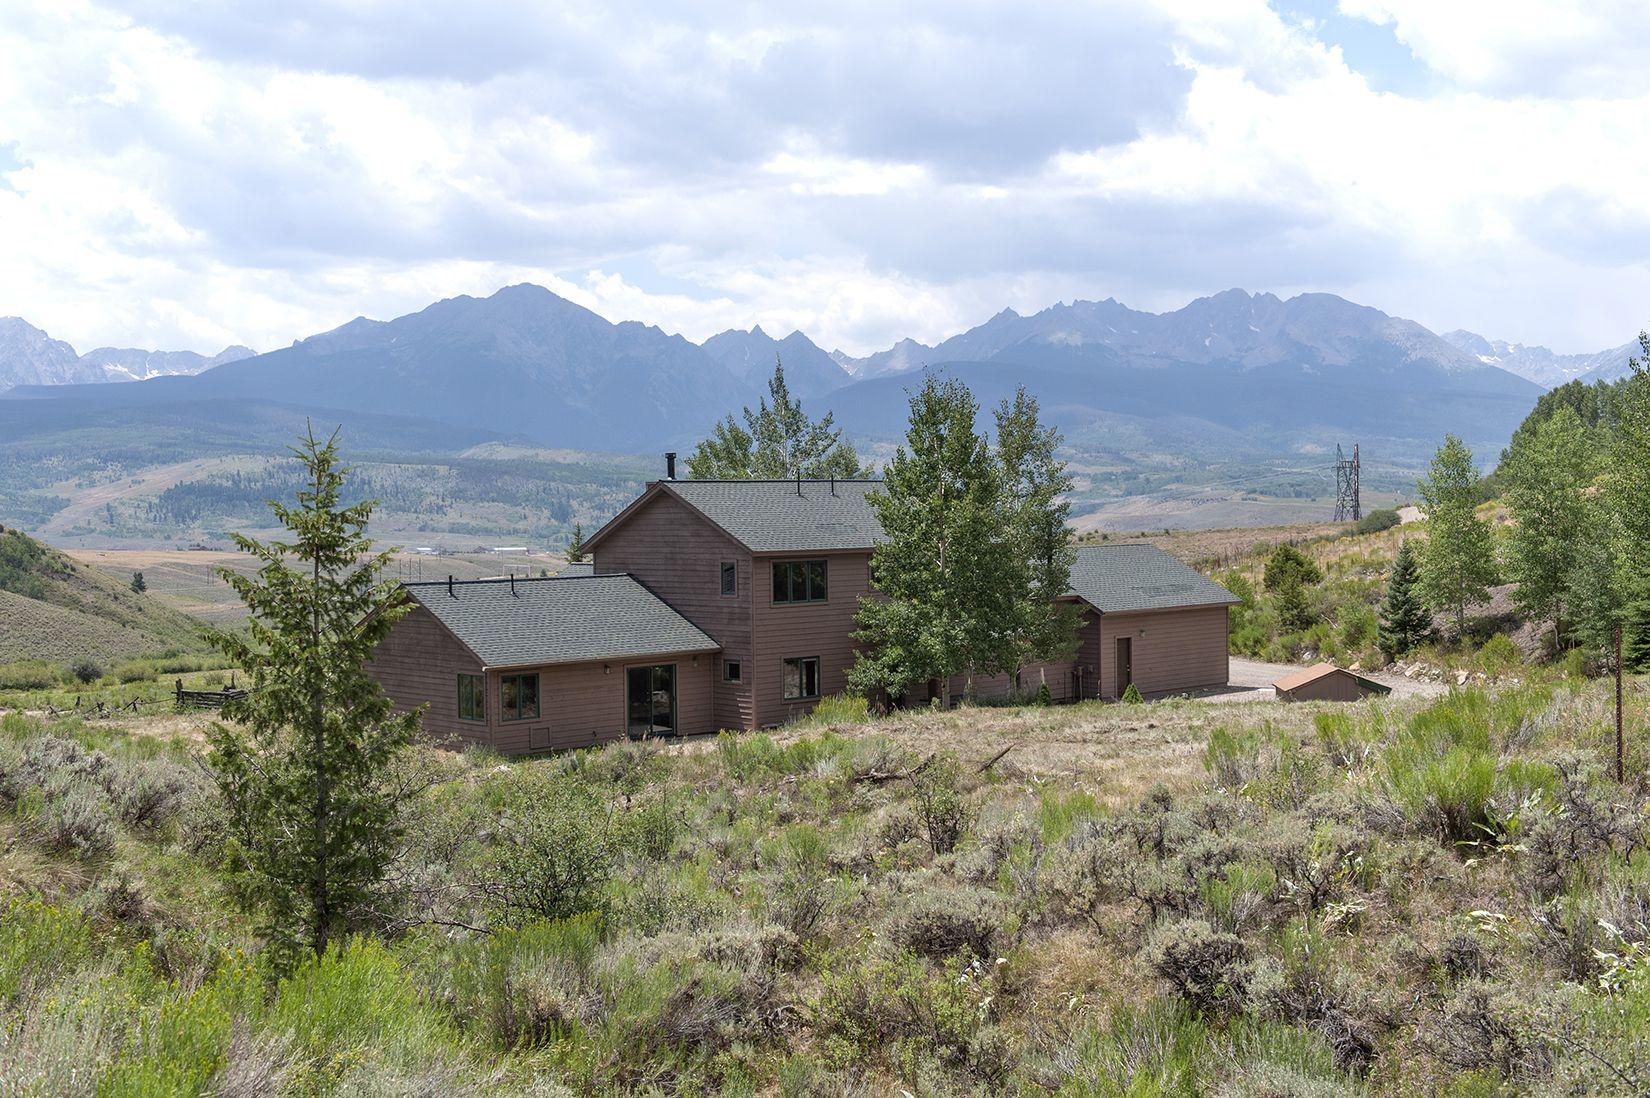 370 Darby DRIVE SILVERTHORNE, Colorado 80498